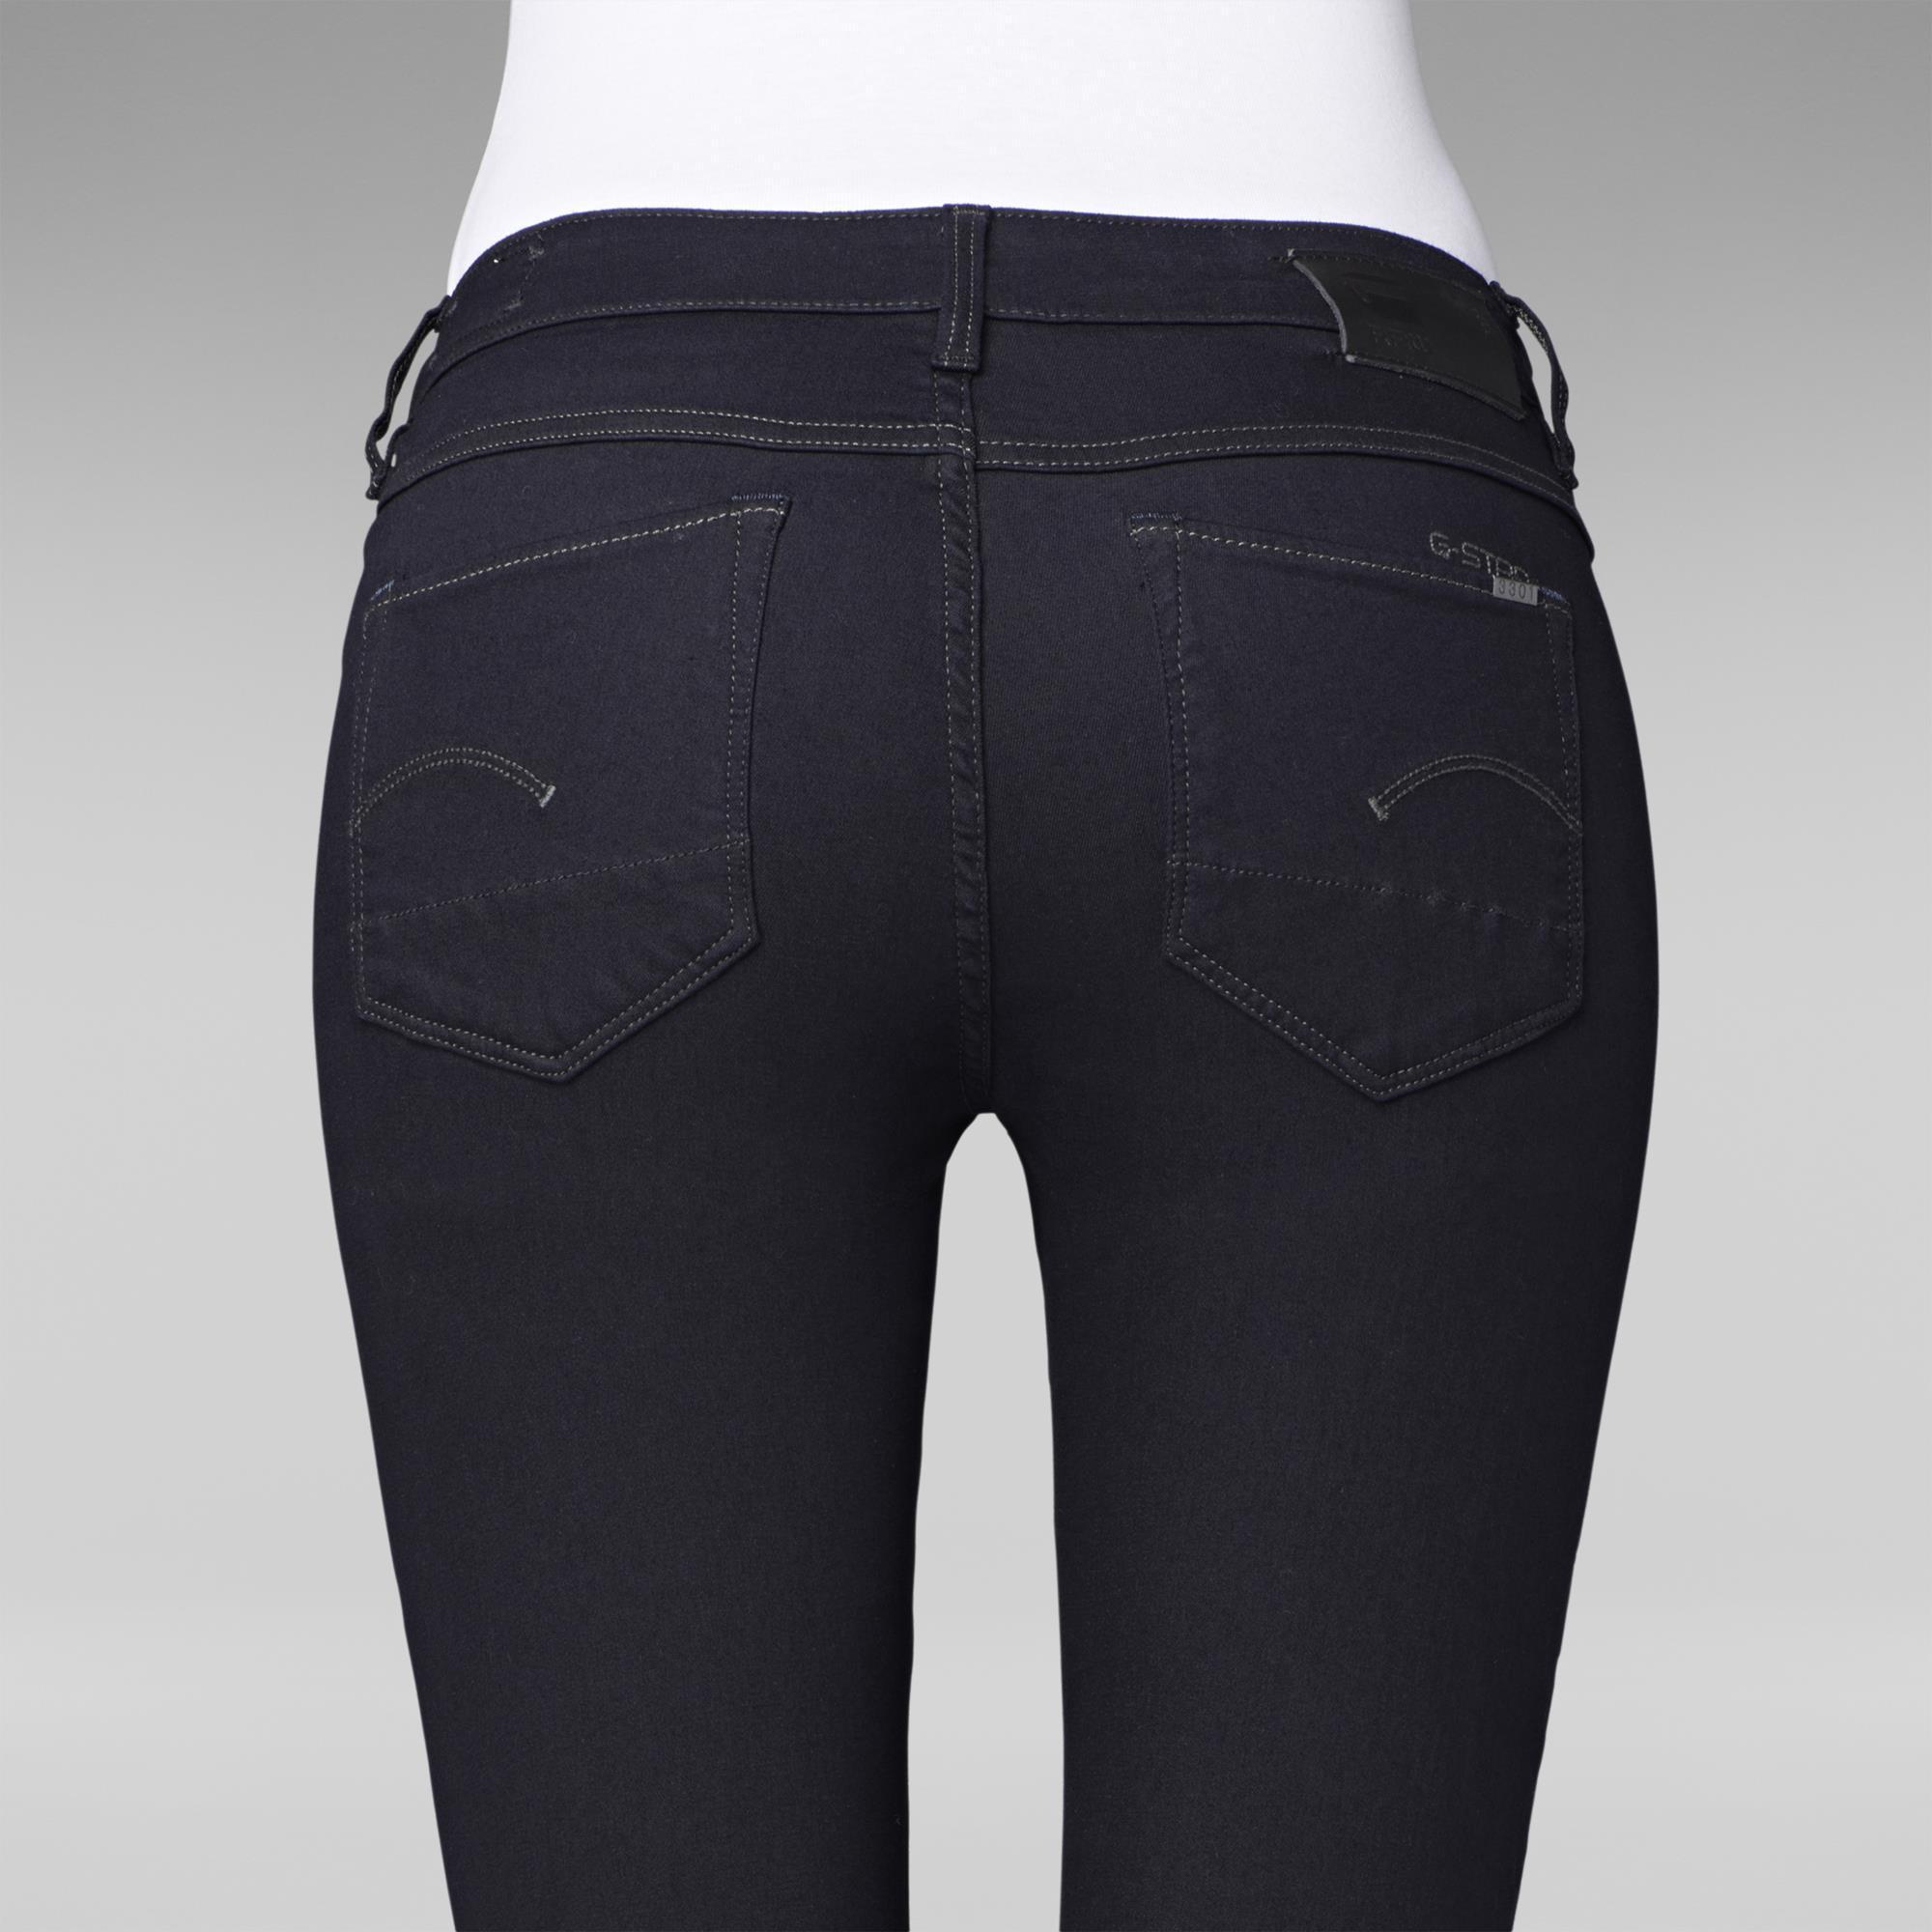 g star damen 3301 contour skinny jeans bekleidung. Black Bedroom Furniture Sets. Home Design Ideas